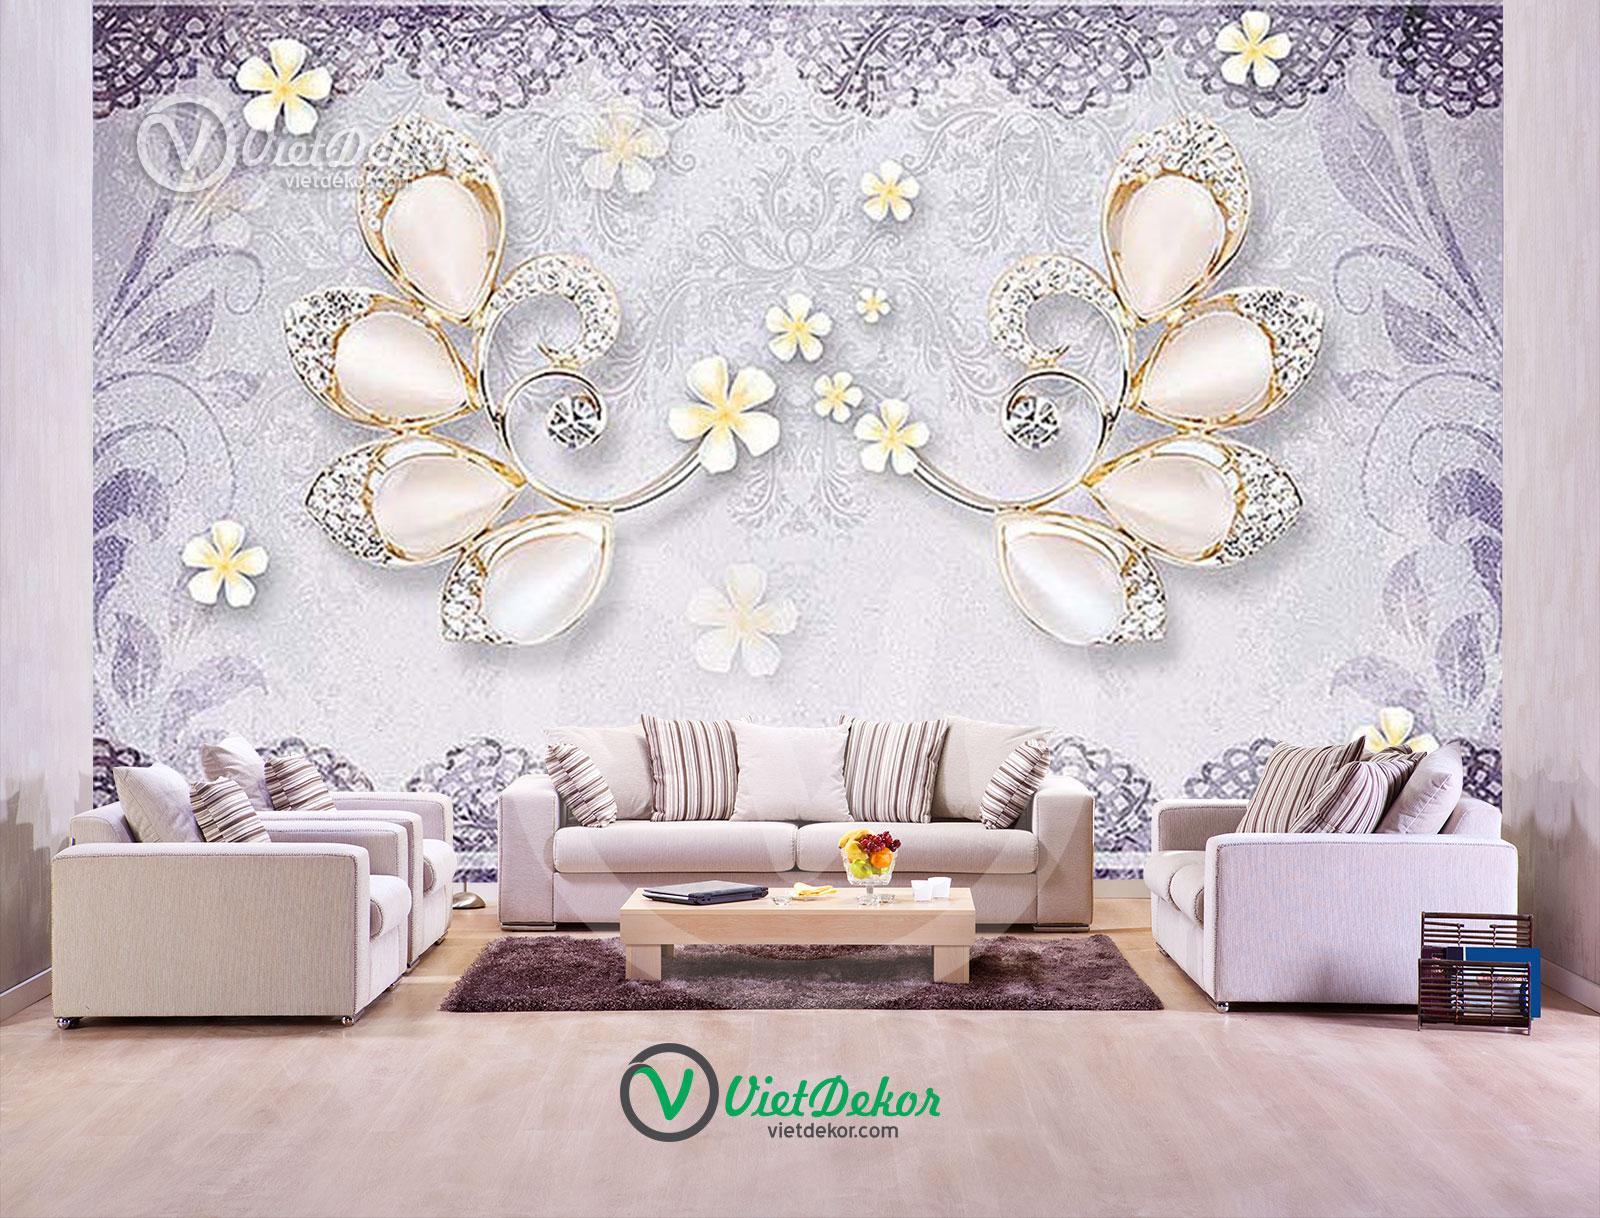 Tranh 3d dán tường trang sức